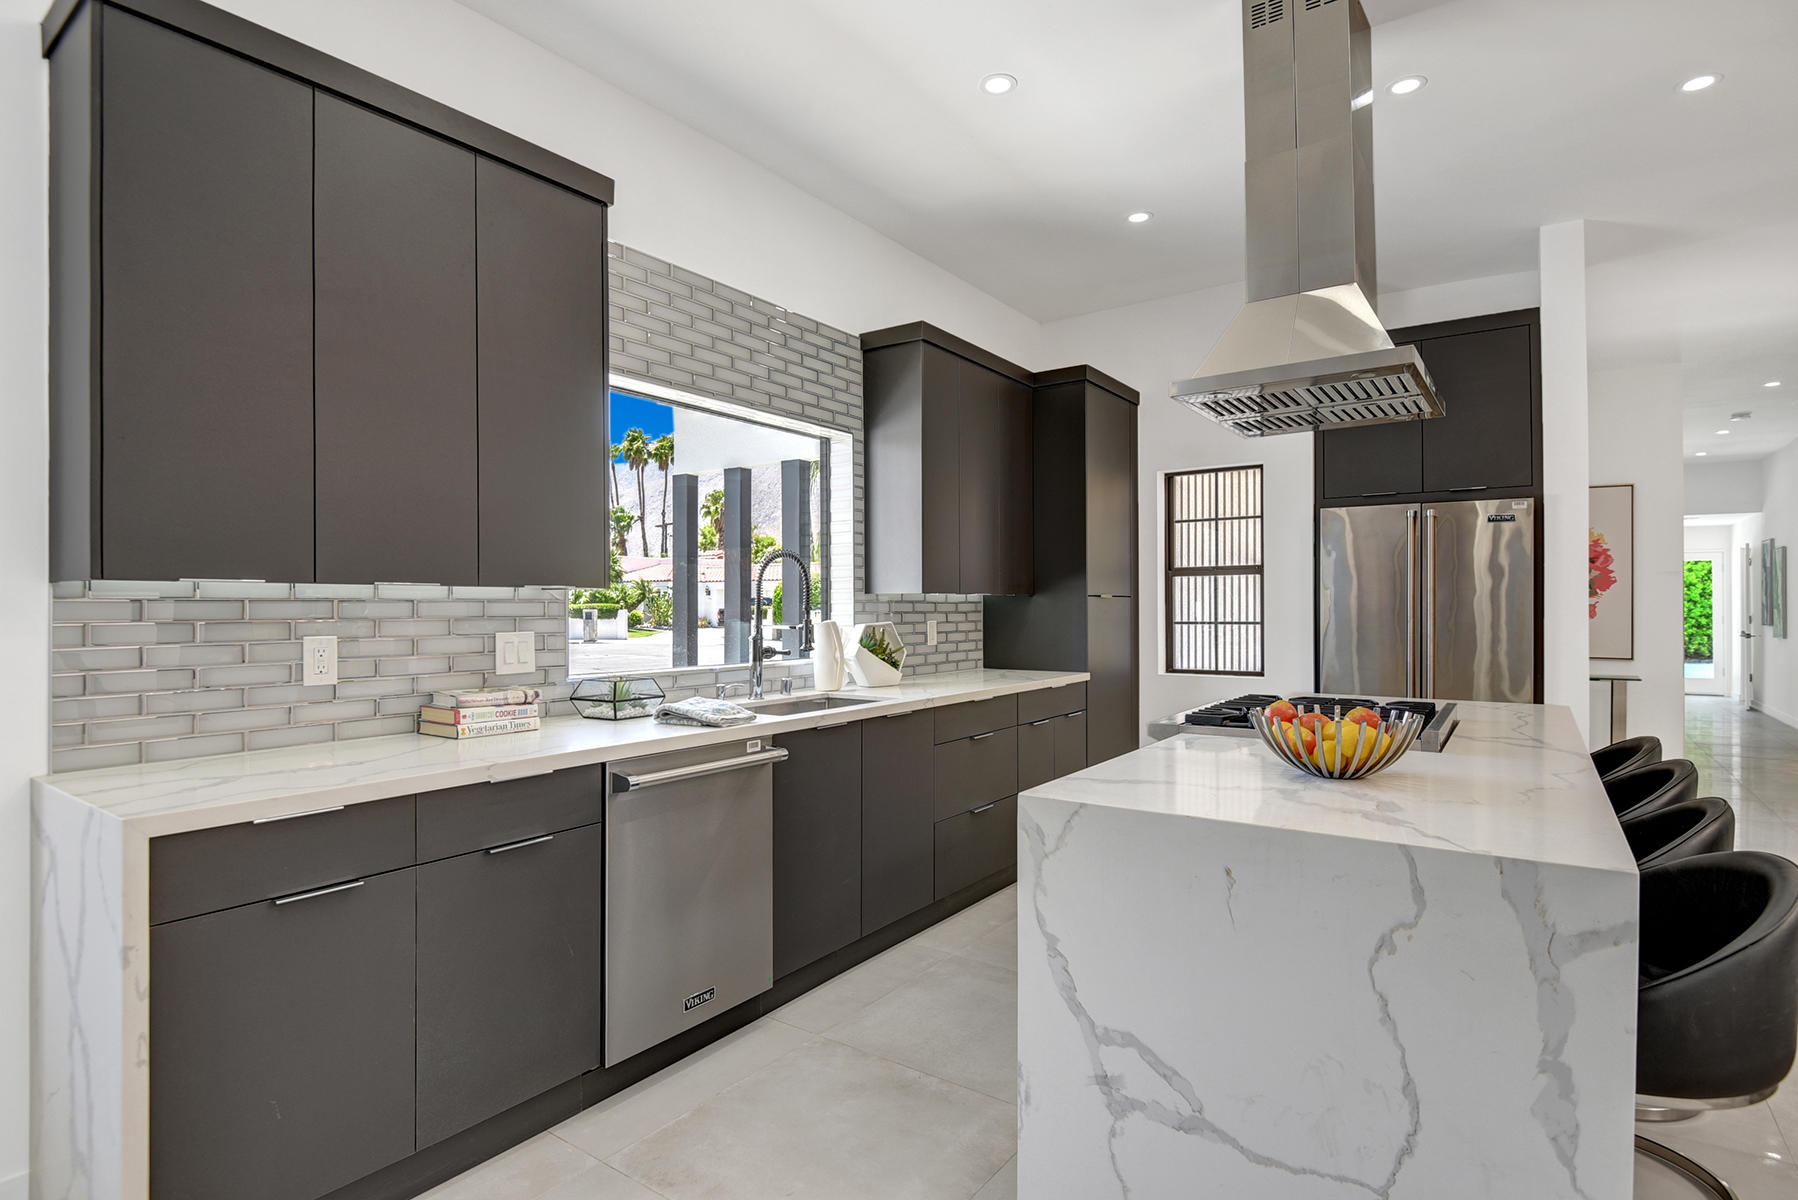 1050 Deepak Road, Palm Springs, California 92262, 4 Bedrooms Bedrooms, ,5 BathroomsBathrooms,Residential,For Sale,1050 Deepak Road,219045486